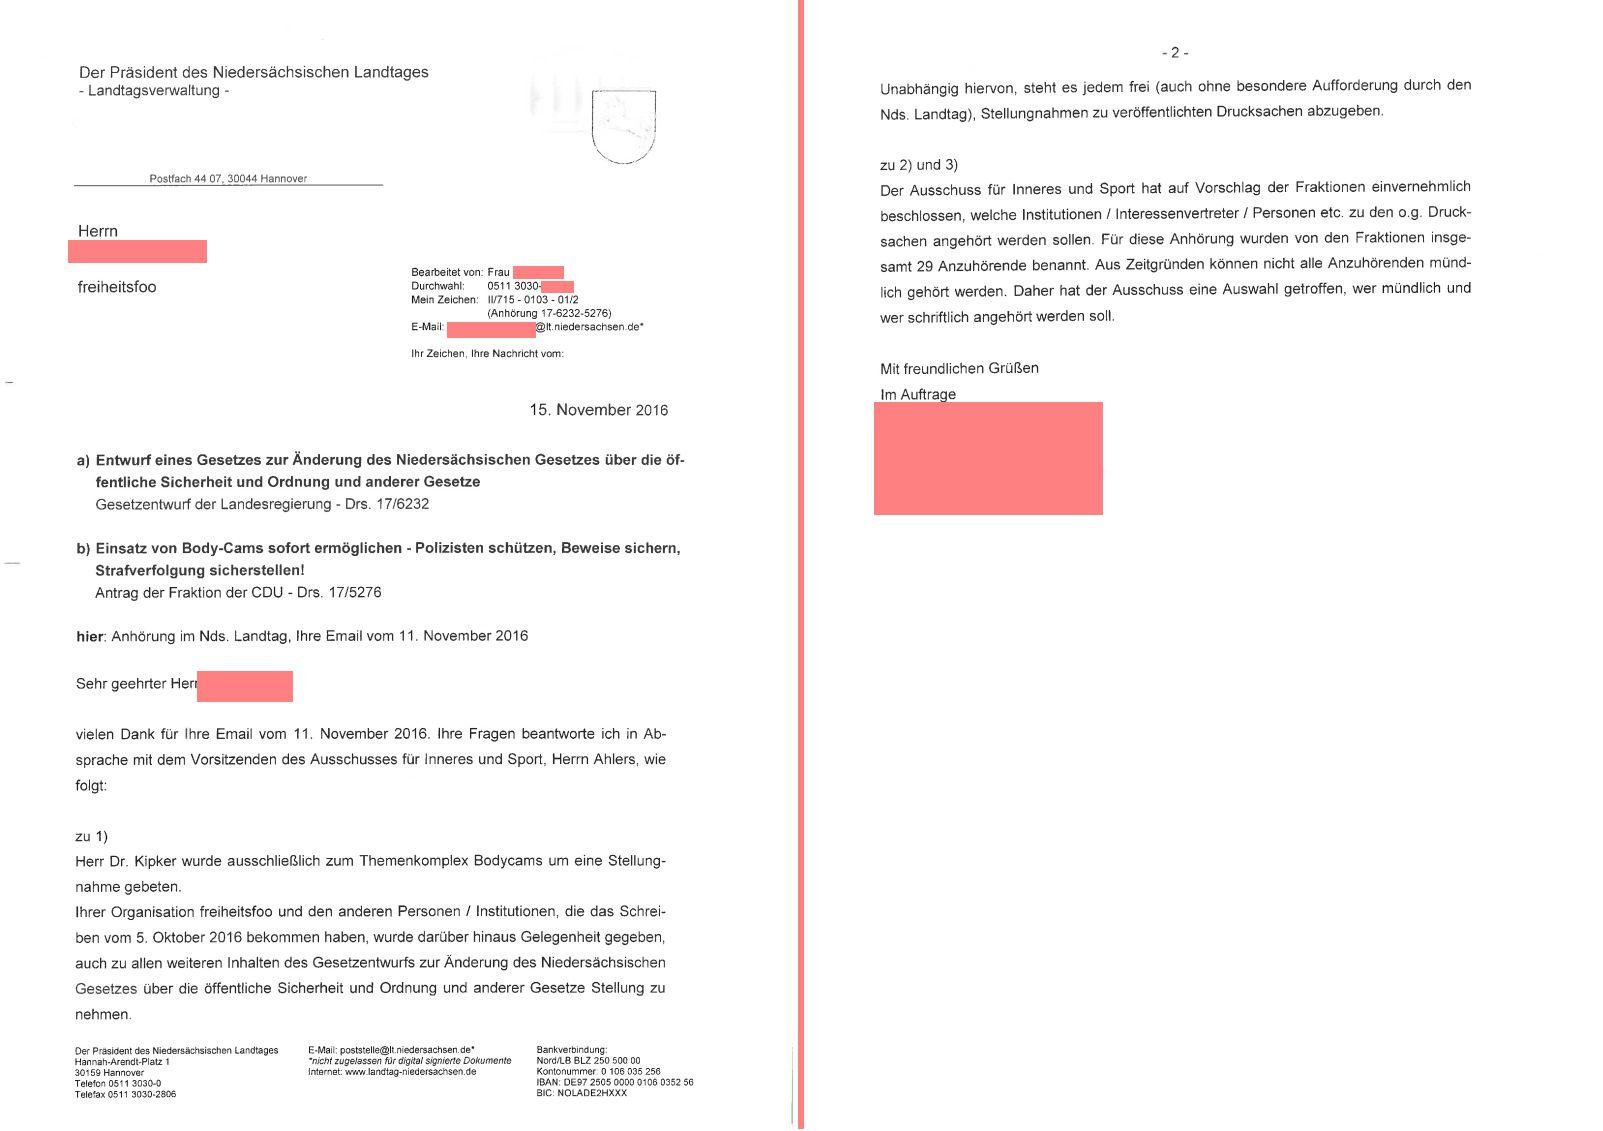 Freiheitsfoo Wiki Main Anhoerung Polizeigesetzreform Lt Nds